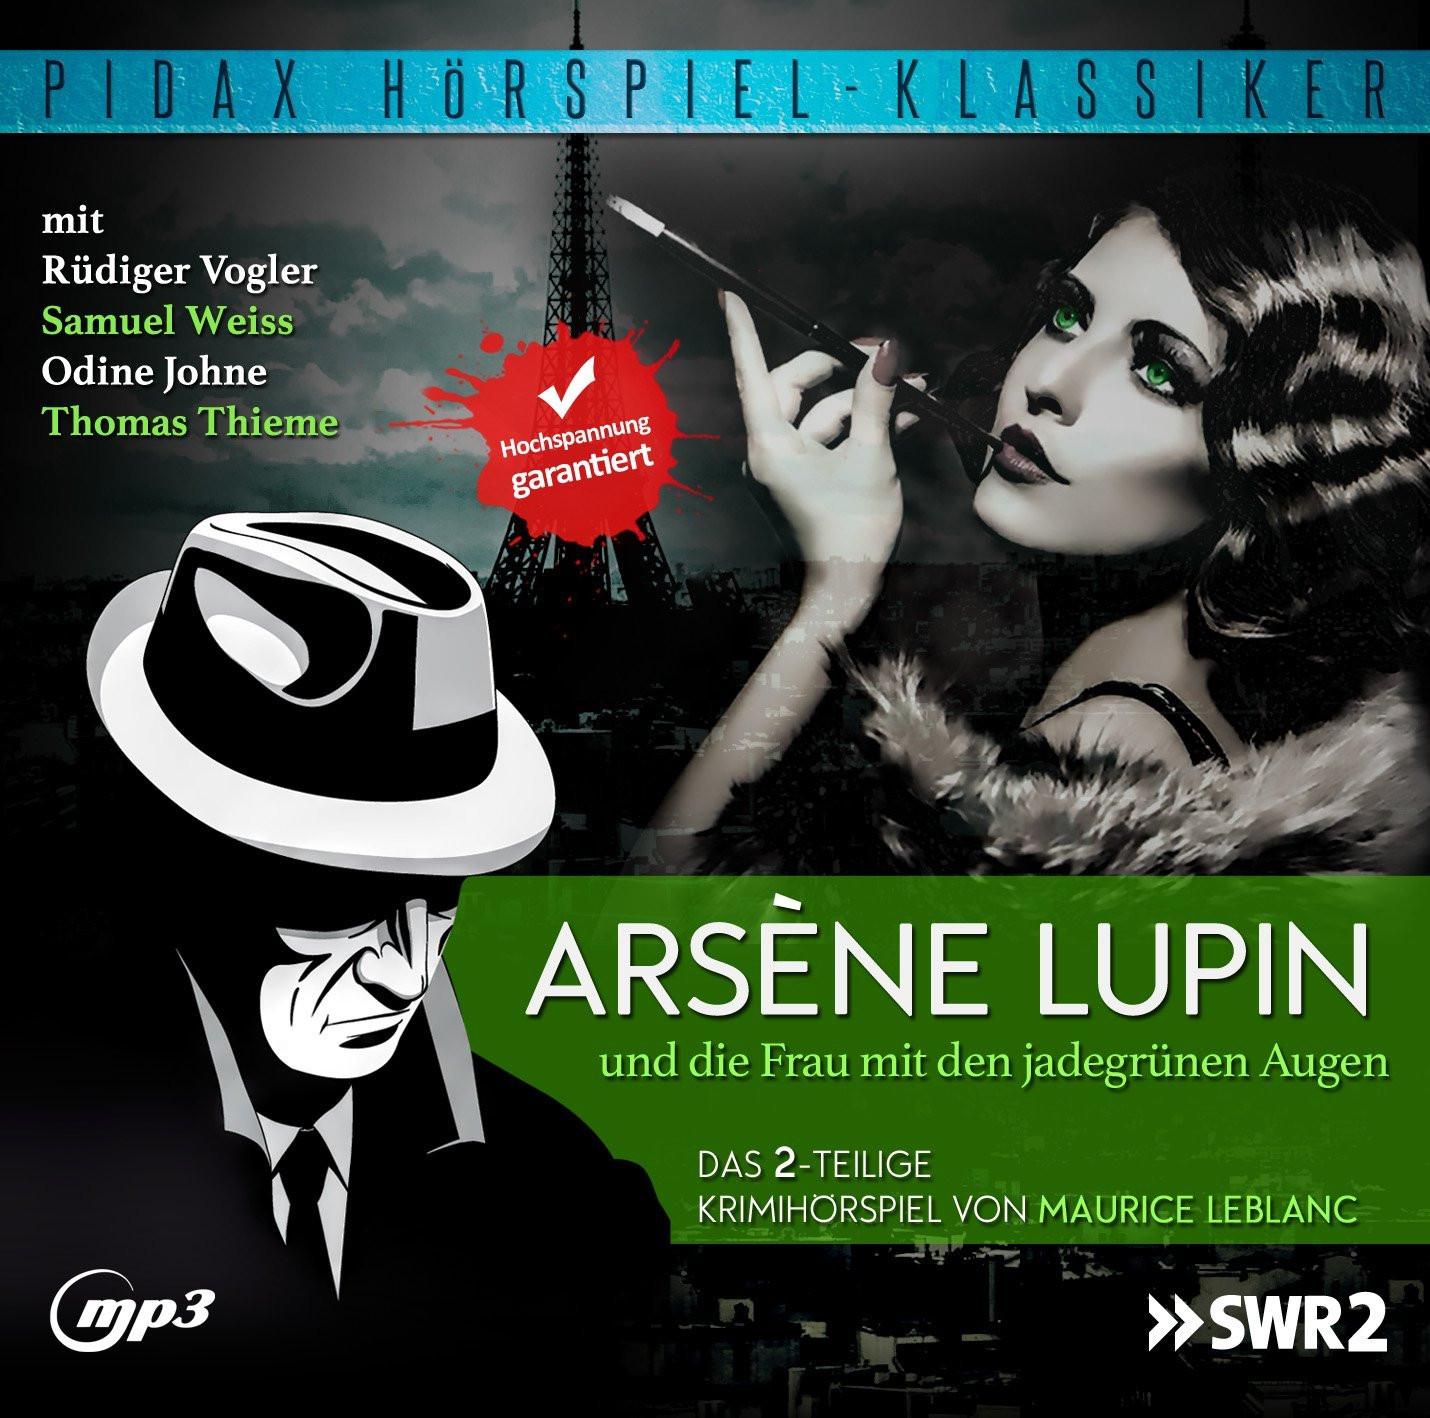 Pidax Hörspiel Klassiker - Arsène Lupin und die Frau mit den jad